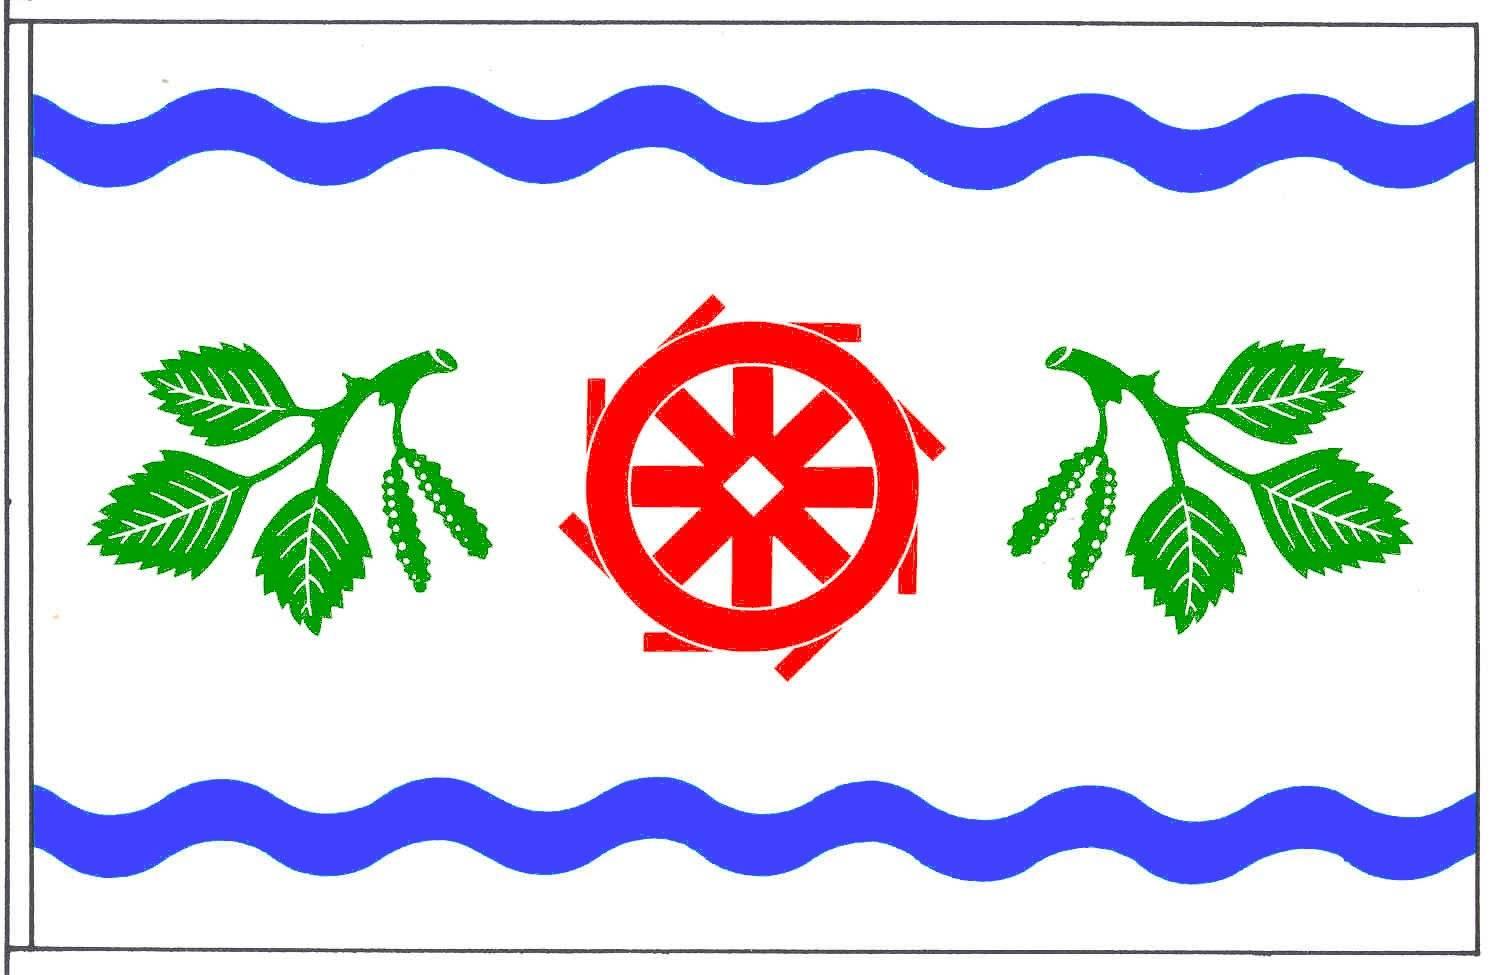 Flagge GemeindeBrickeln, Kreis Dithmarschen